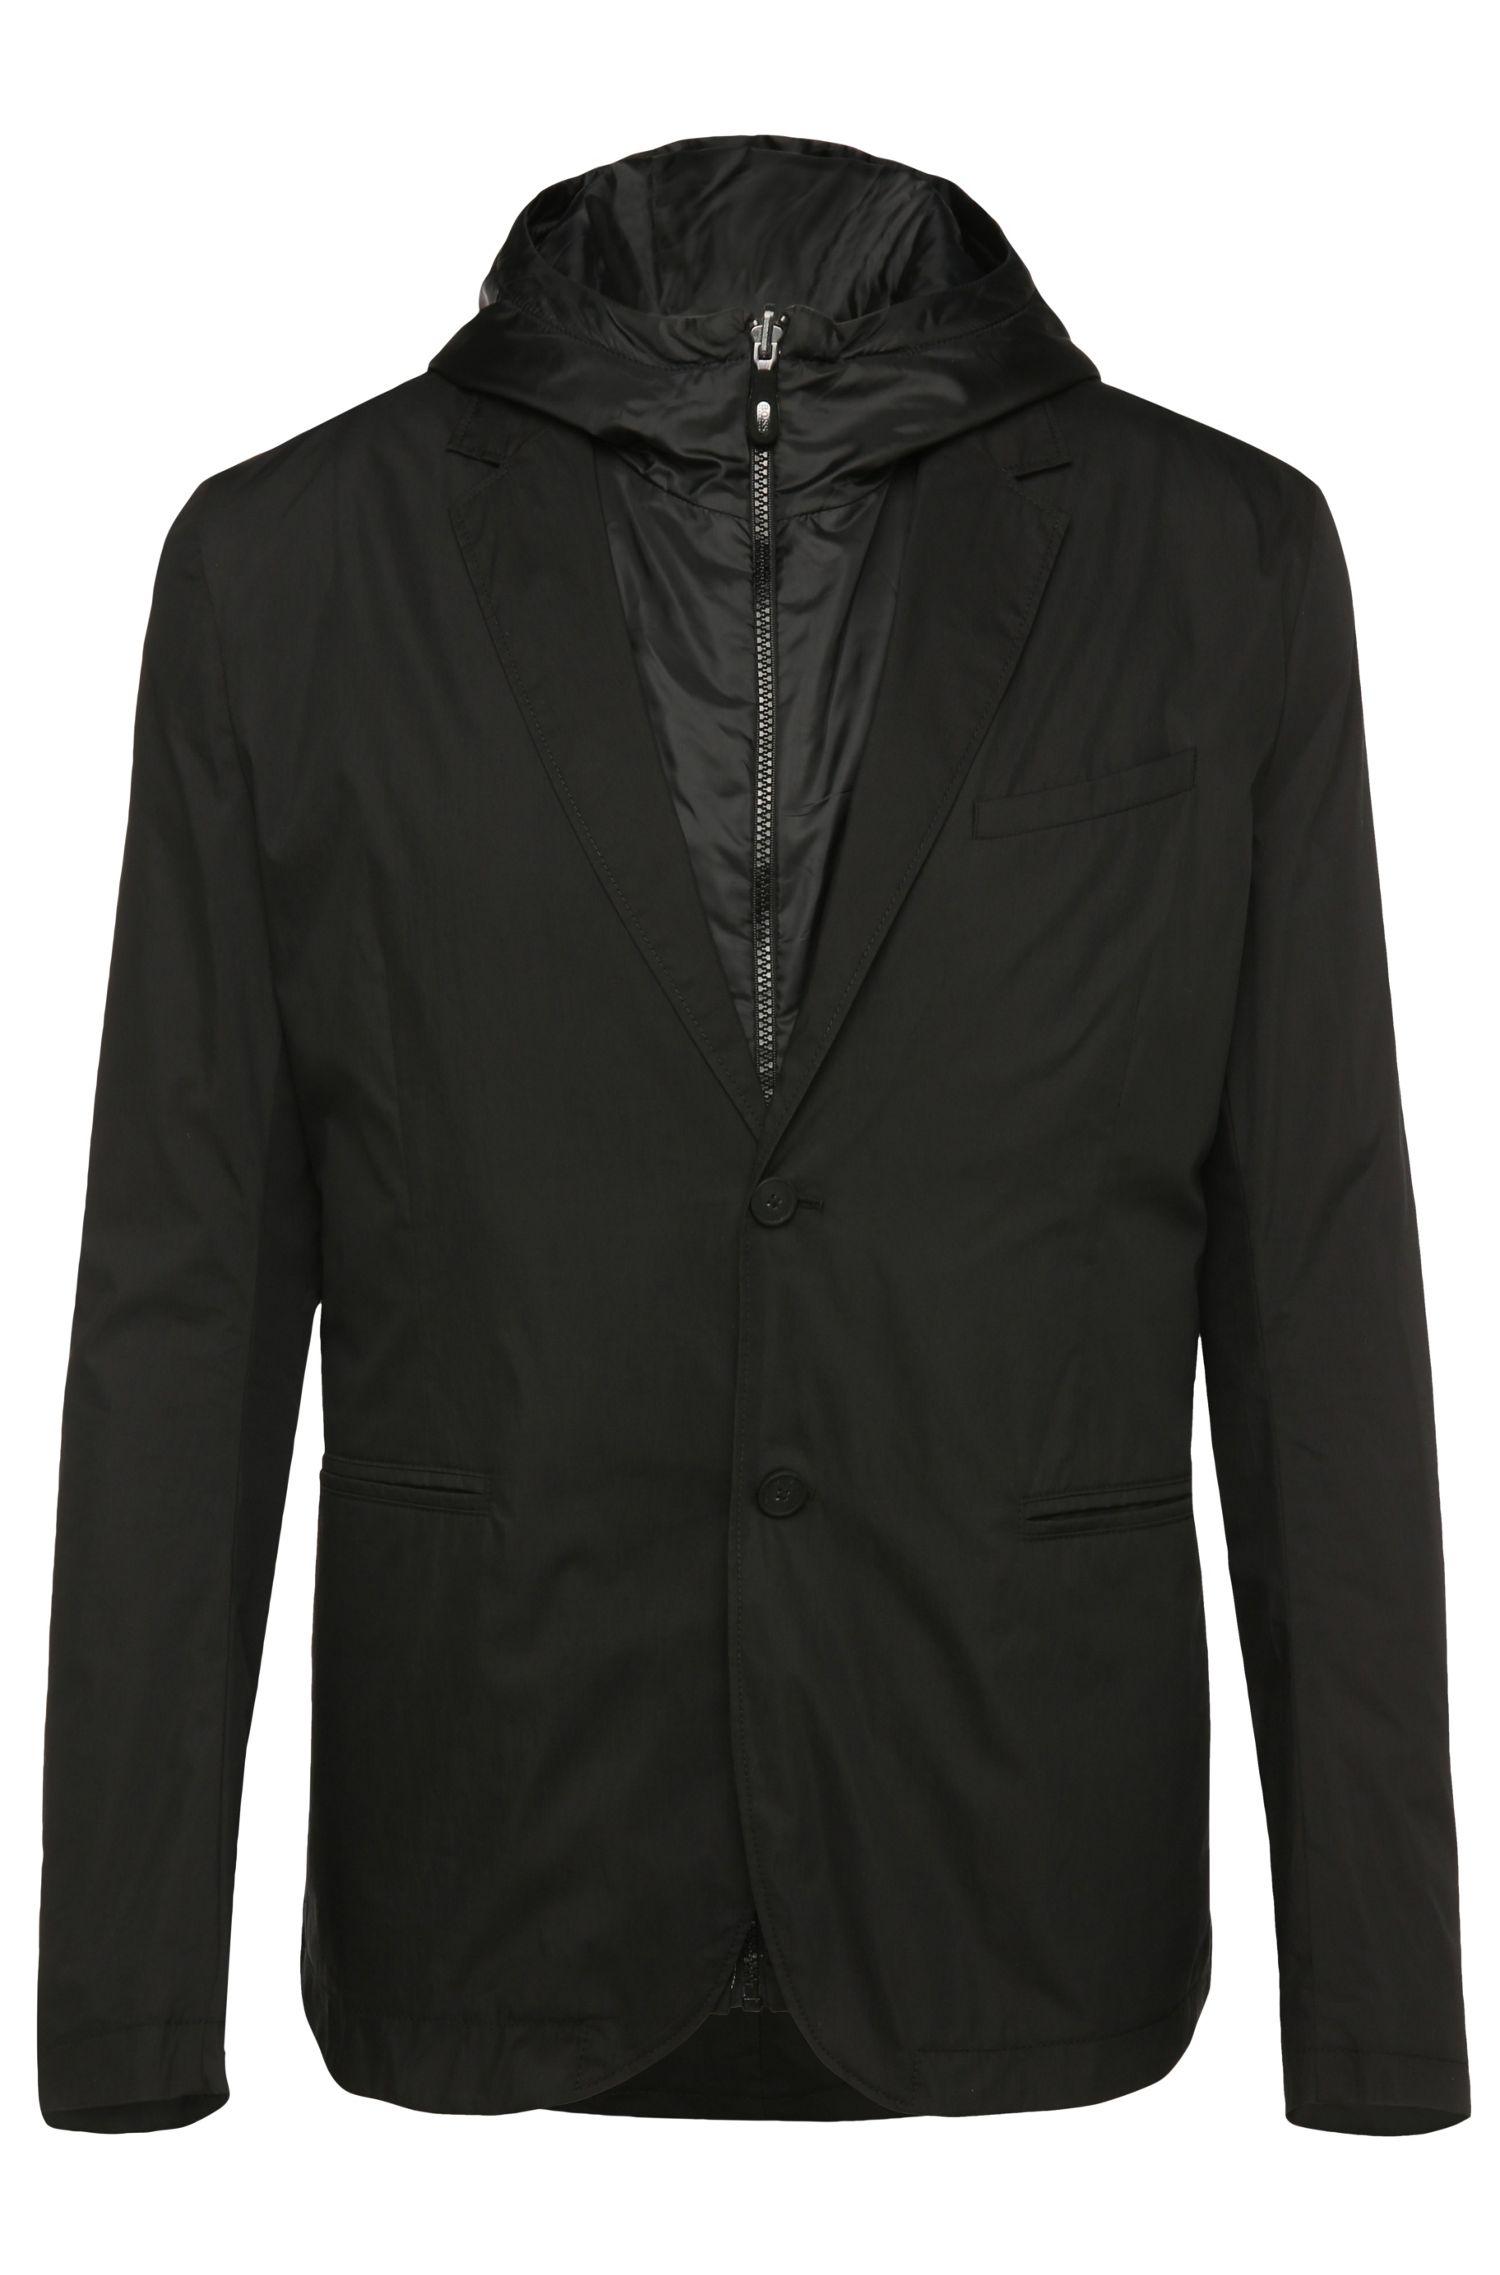 'Awond'   Regular Fit, Cotton Blend Sport Coat, Removable Hooded Vest